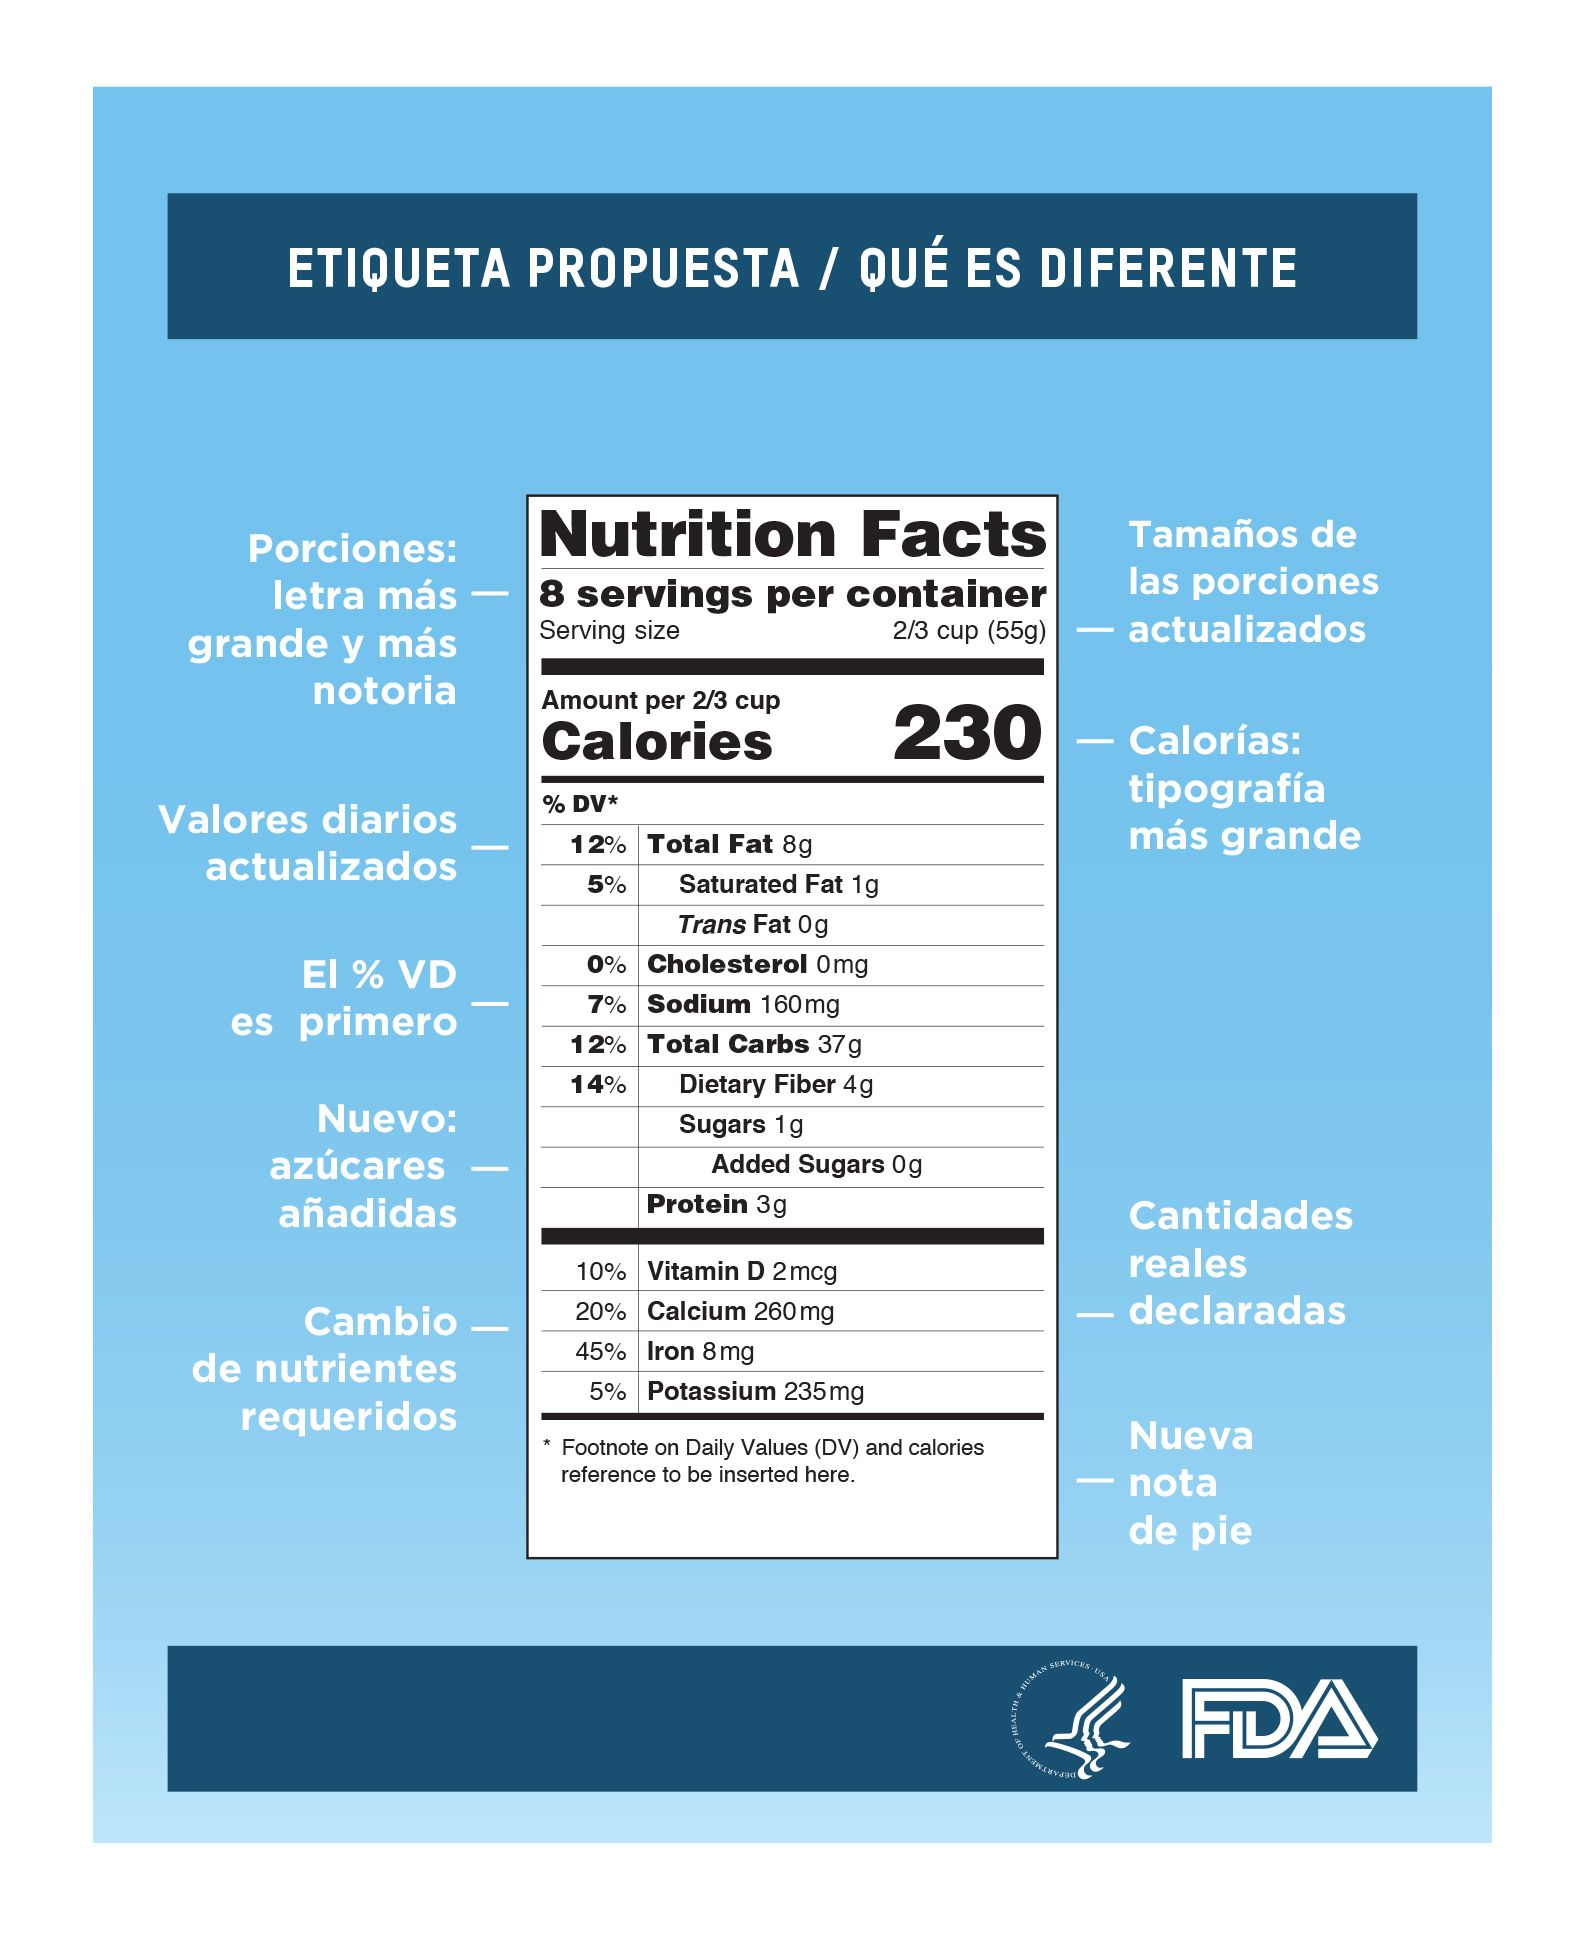 Etiqueta de información #nutricional propuesta #alimentos | FDA en ...